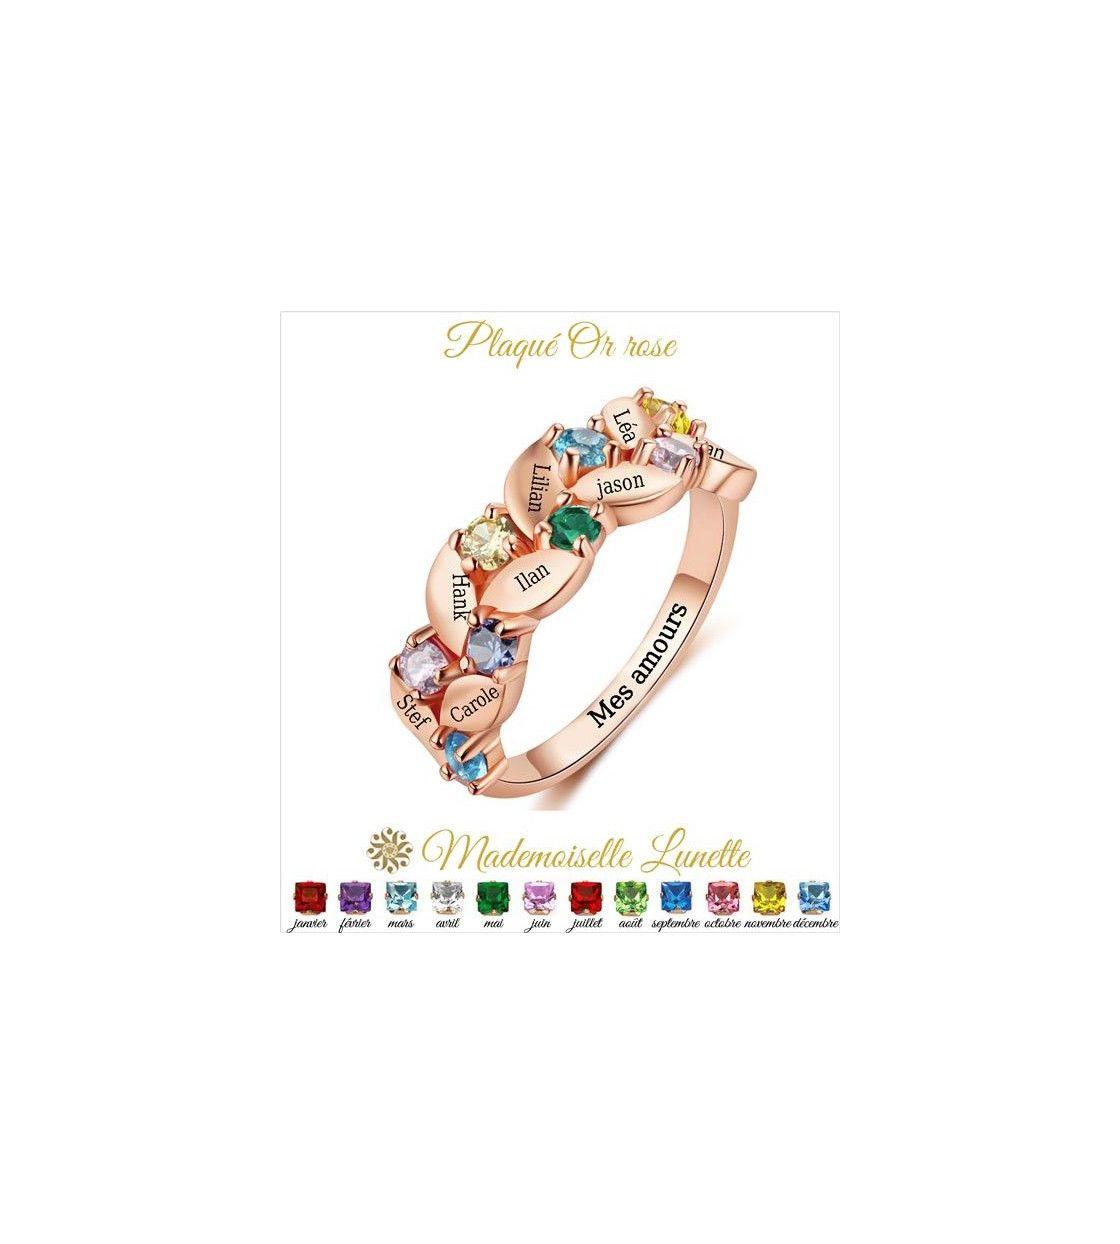 bague-maman-en-plaque-or-rose-pour-maman-et-8-pierres-de-naissance-8-prenoms